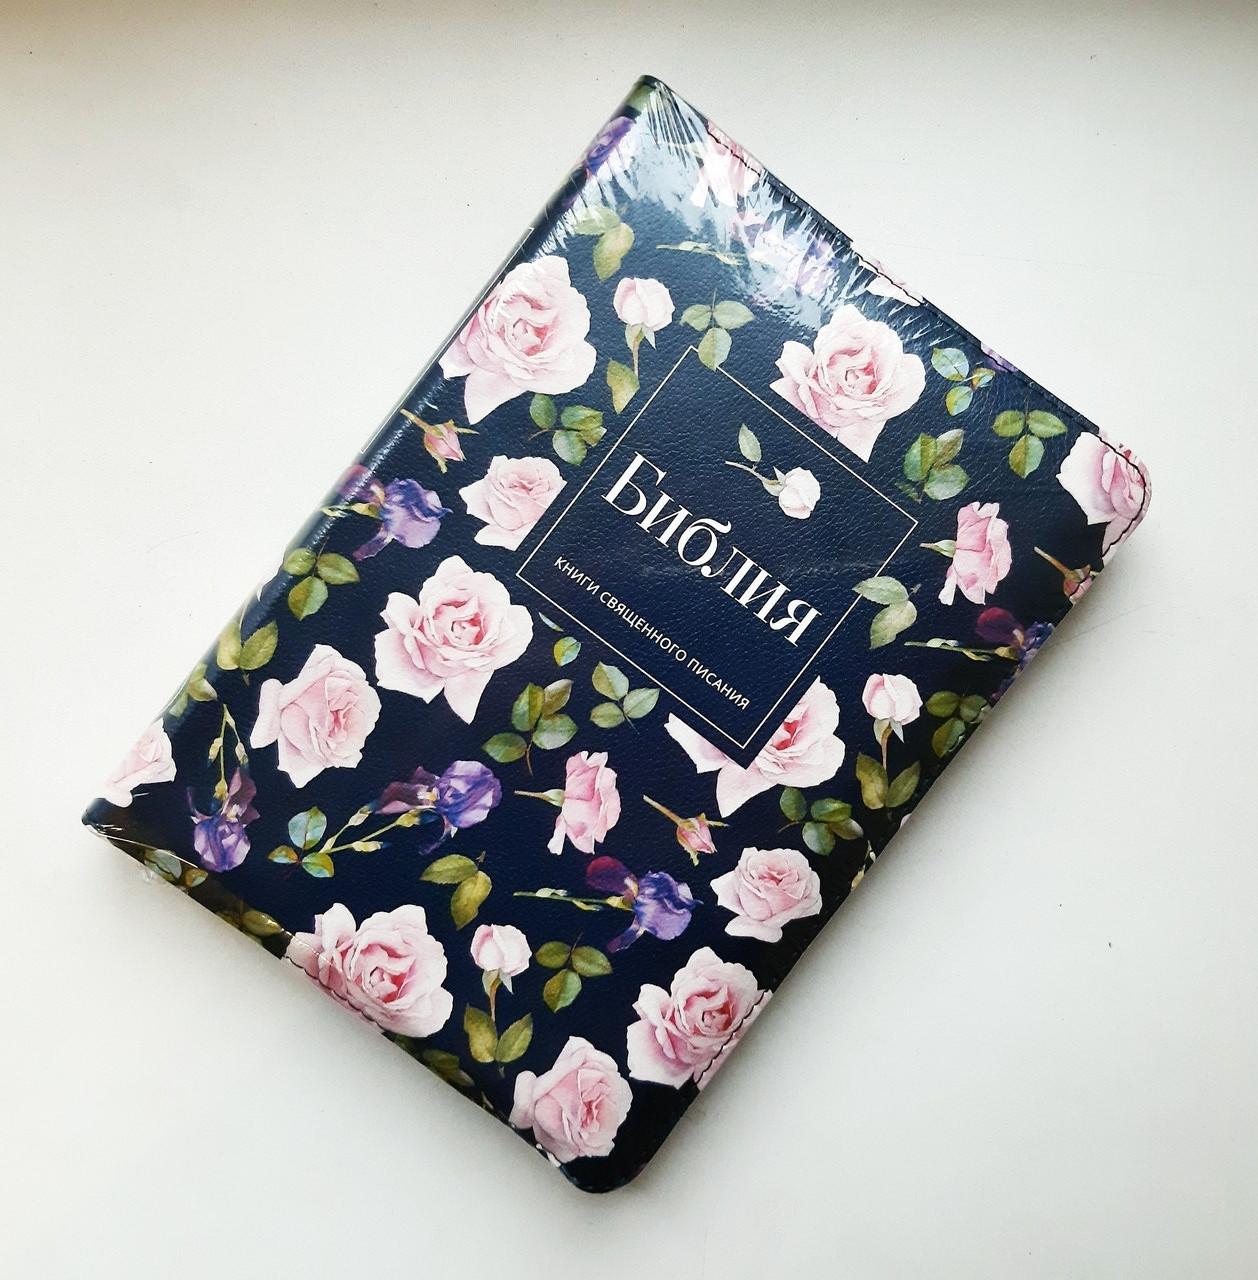 Библия на русском языке среднего формата (розы)